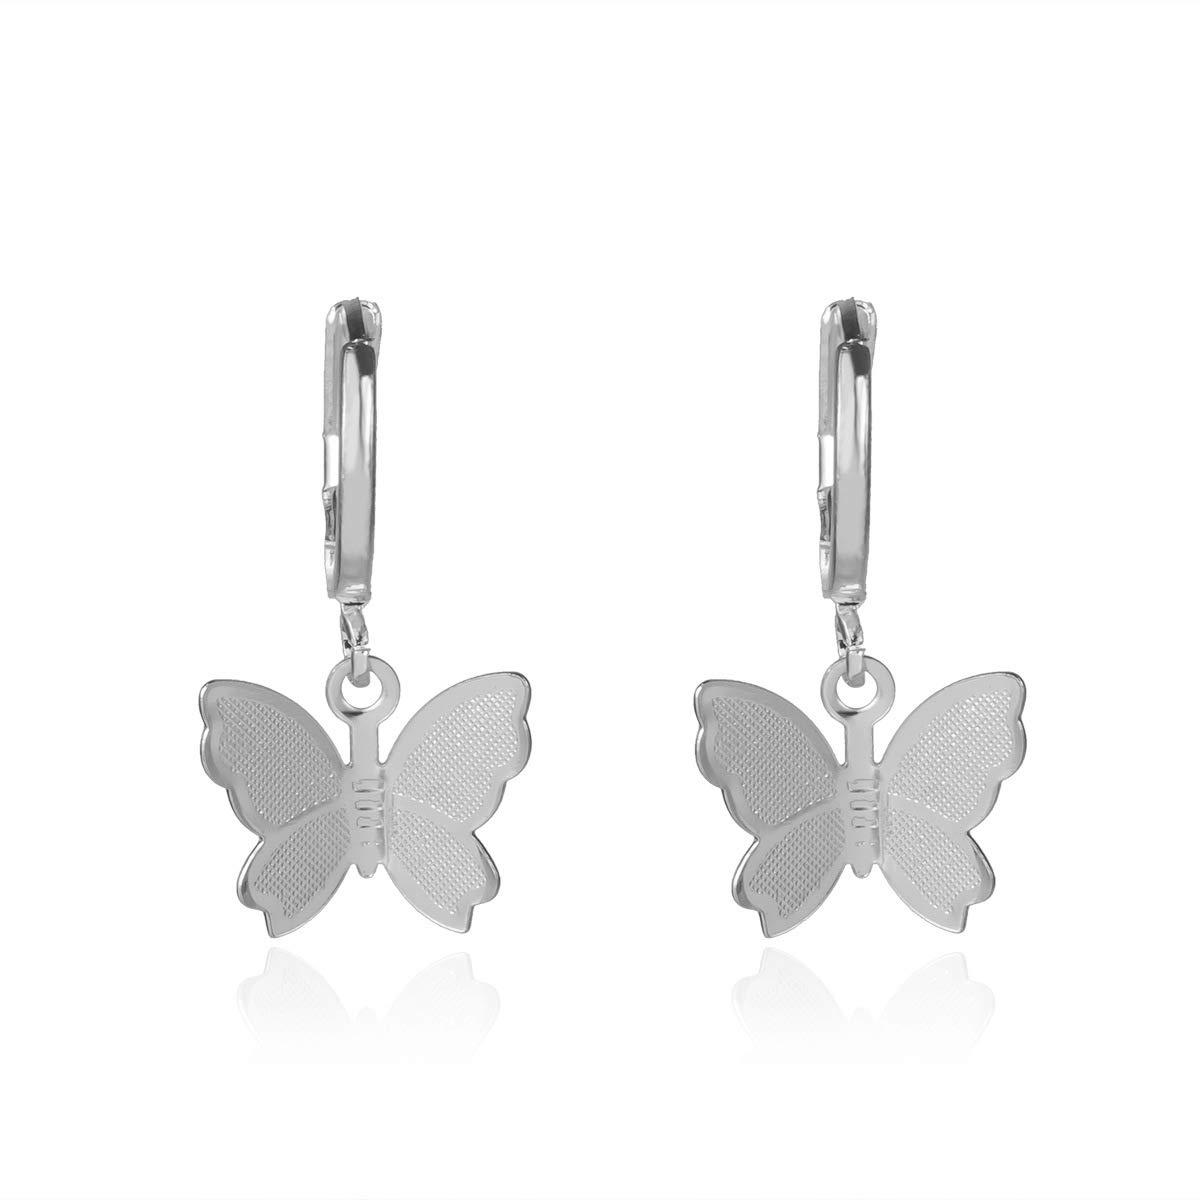 Kercisbeauty Dainty Silver Butterfly Earrings Ranking TOP20 for Women G Max 59% OFF Ladies